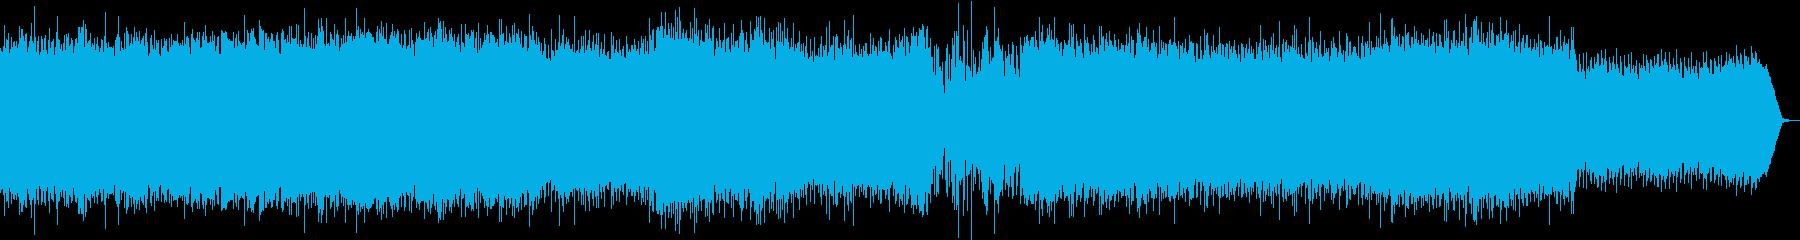 古楽器がメインの焦燥感を感じる逃走BGMの再生済みの波形